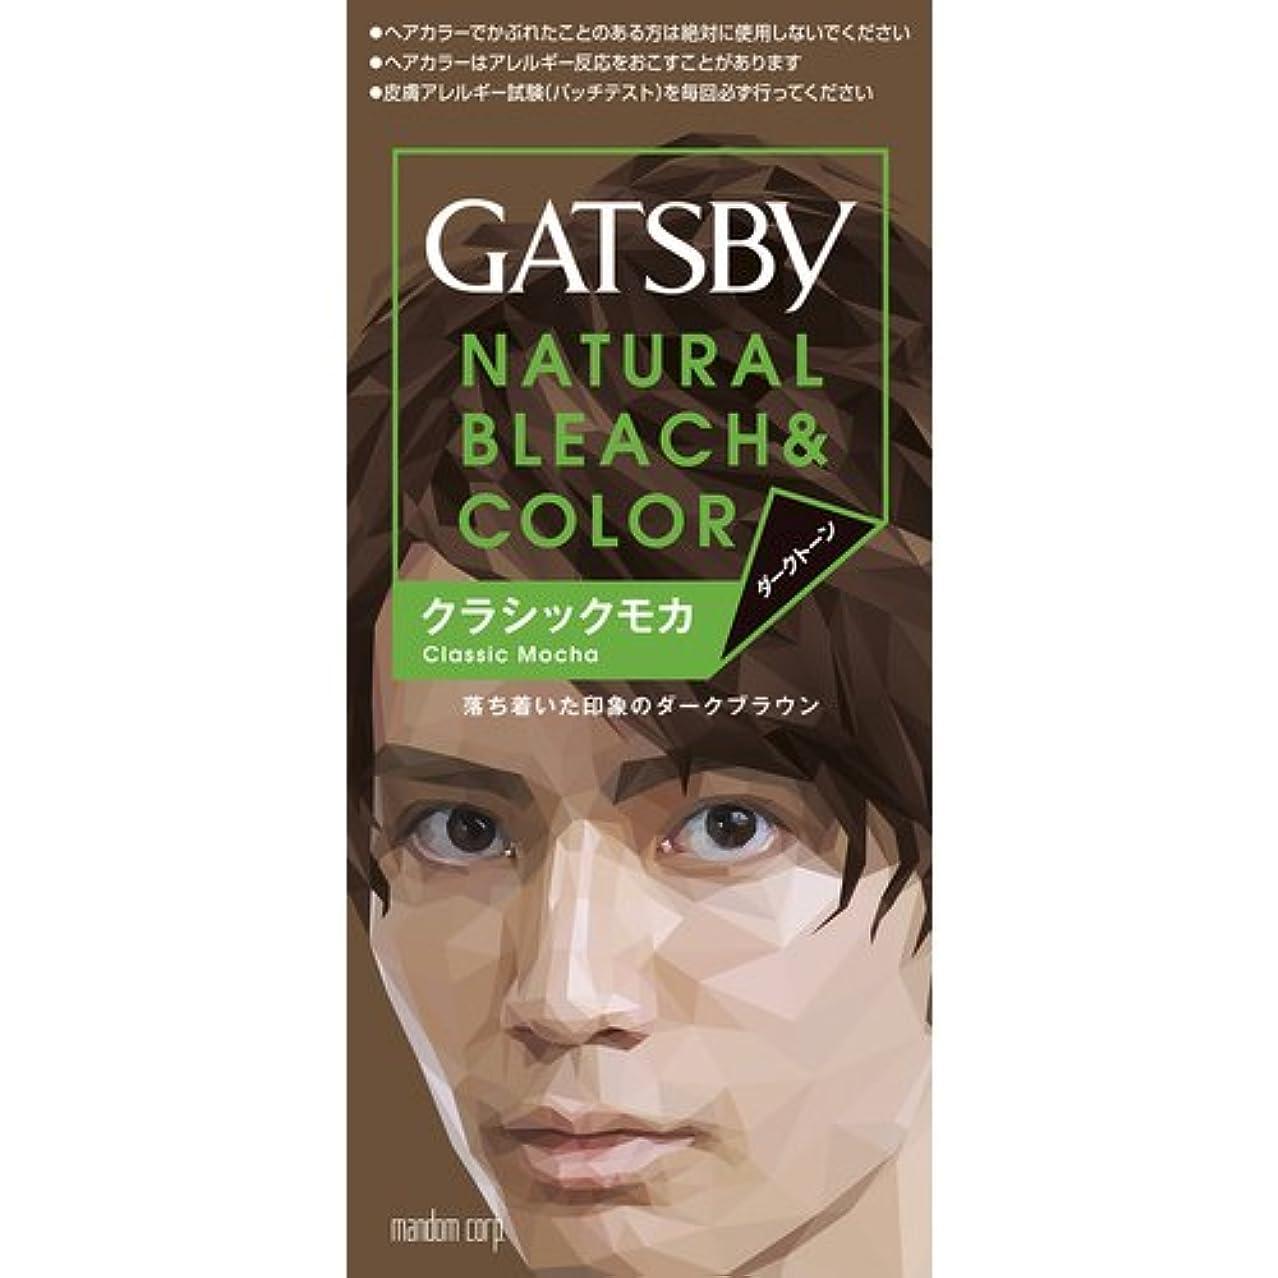 タップはい有益ギャツビー(GATSBY) ナチュラルブリーチカラー クラシックモカ 35g+70ml [医薬部外品]